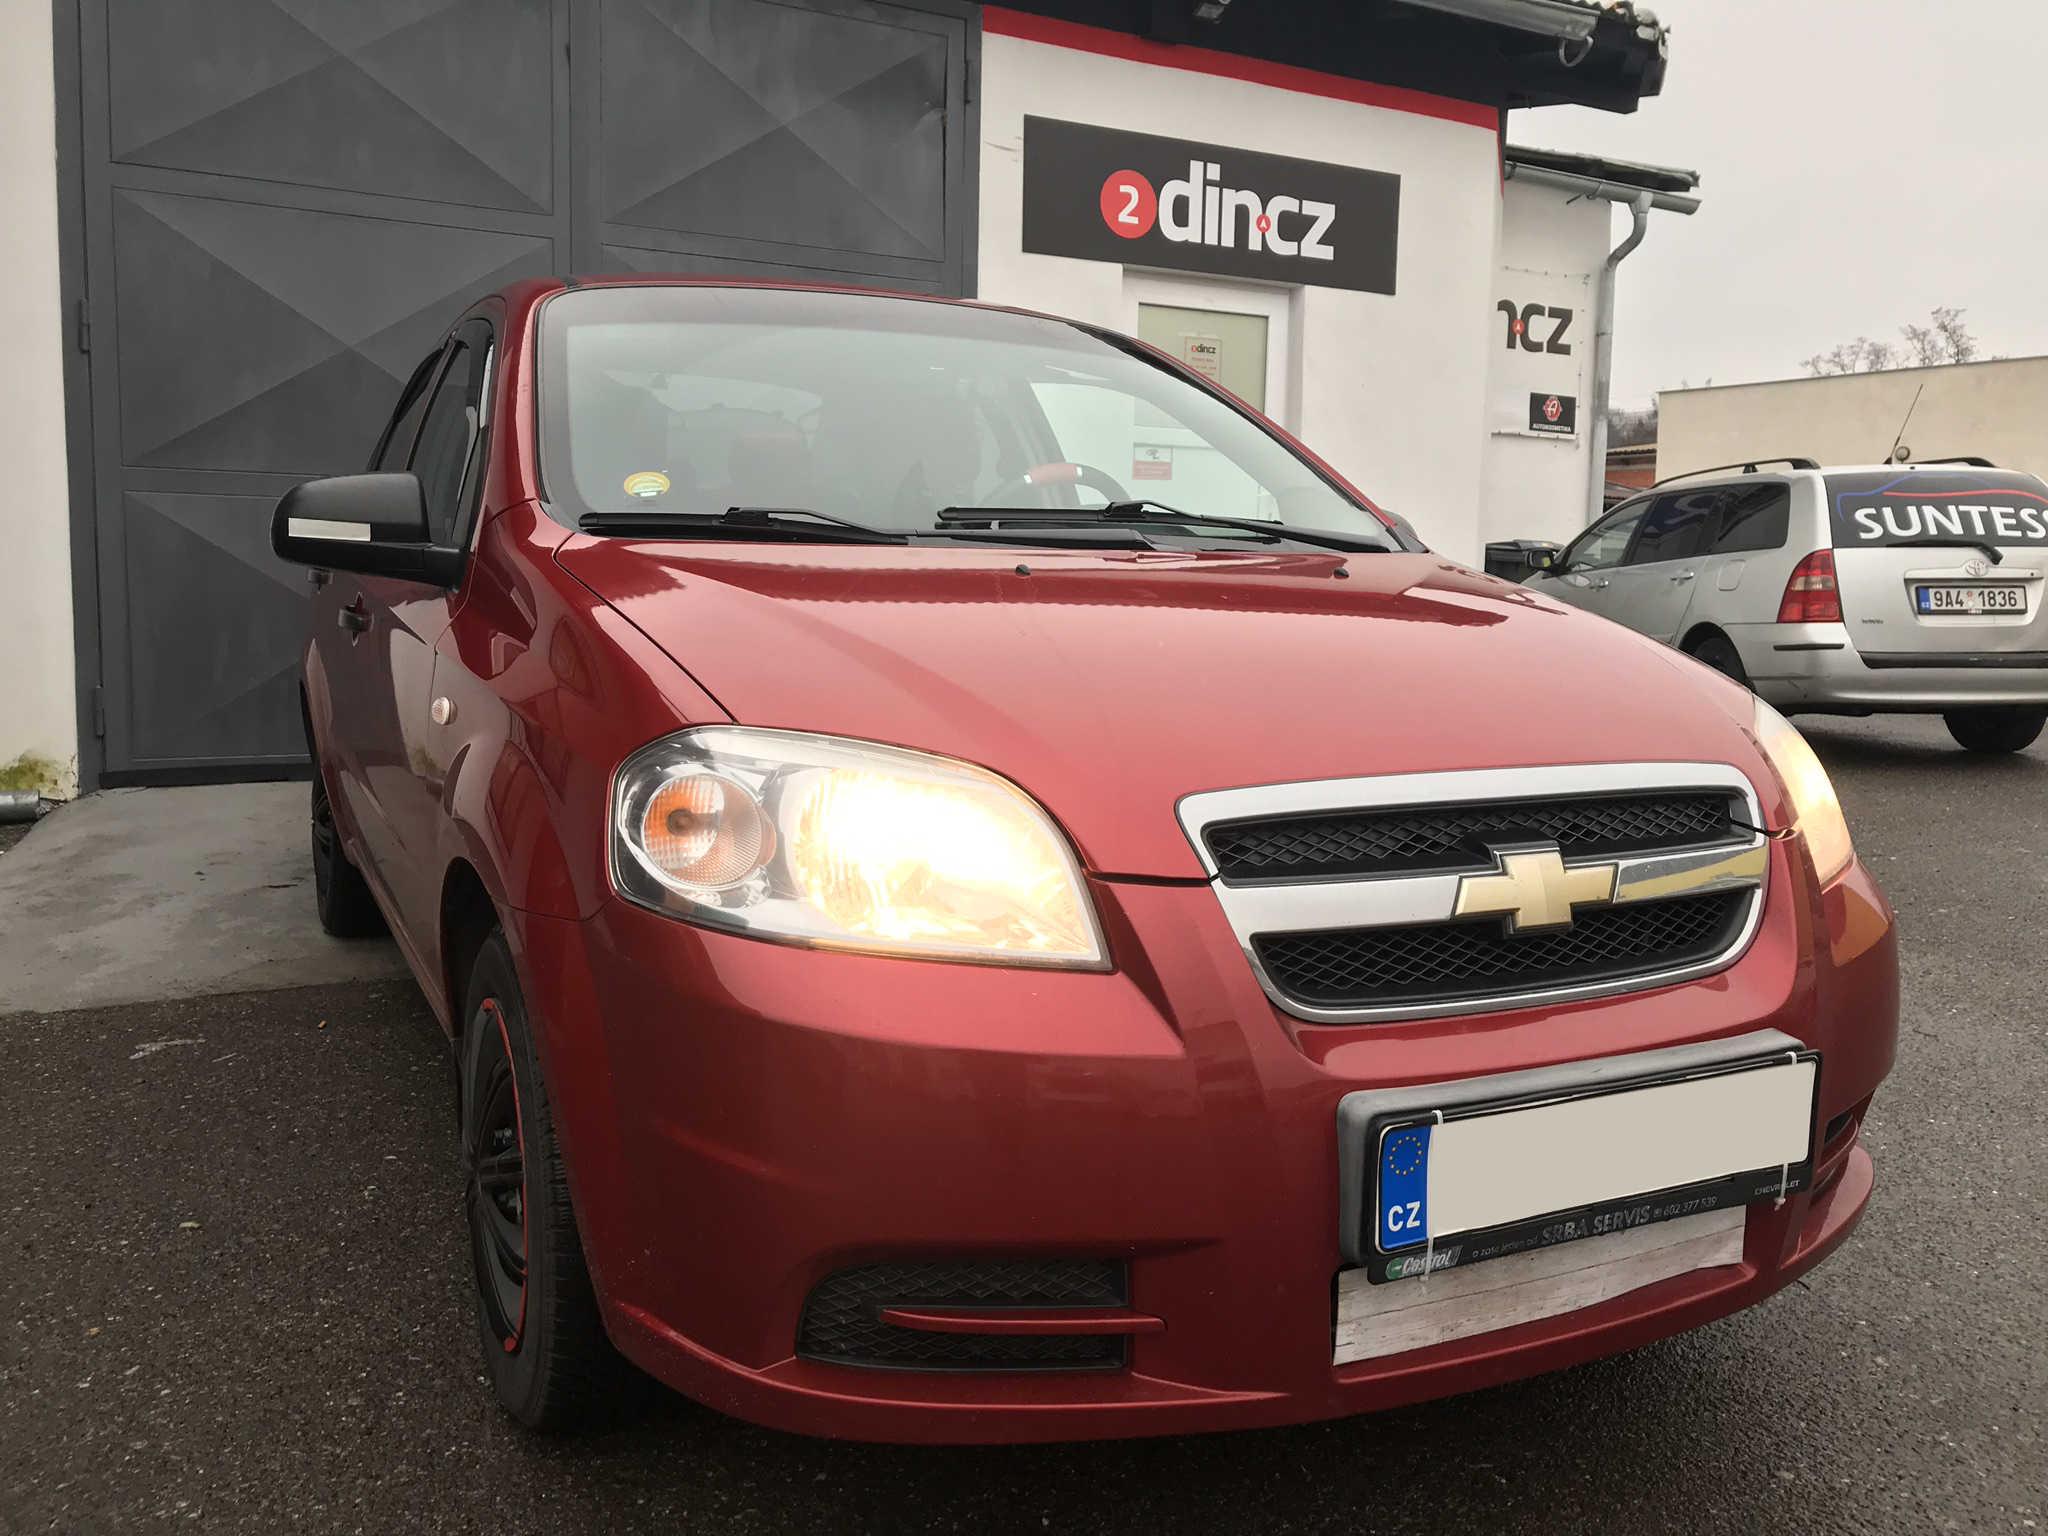 Chevrolet Aveo - Montáž 2din autorádia s LCD